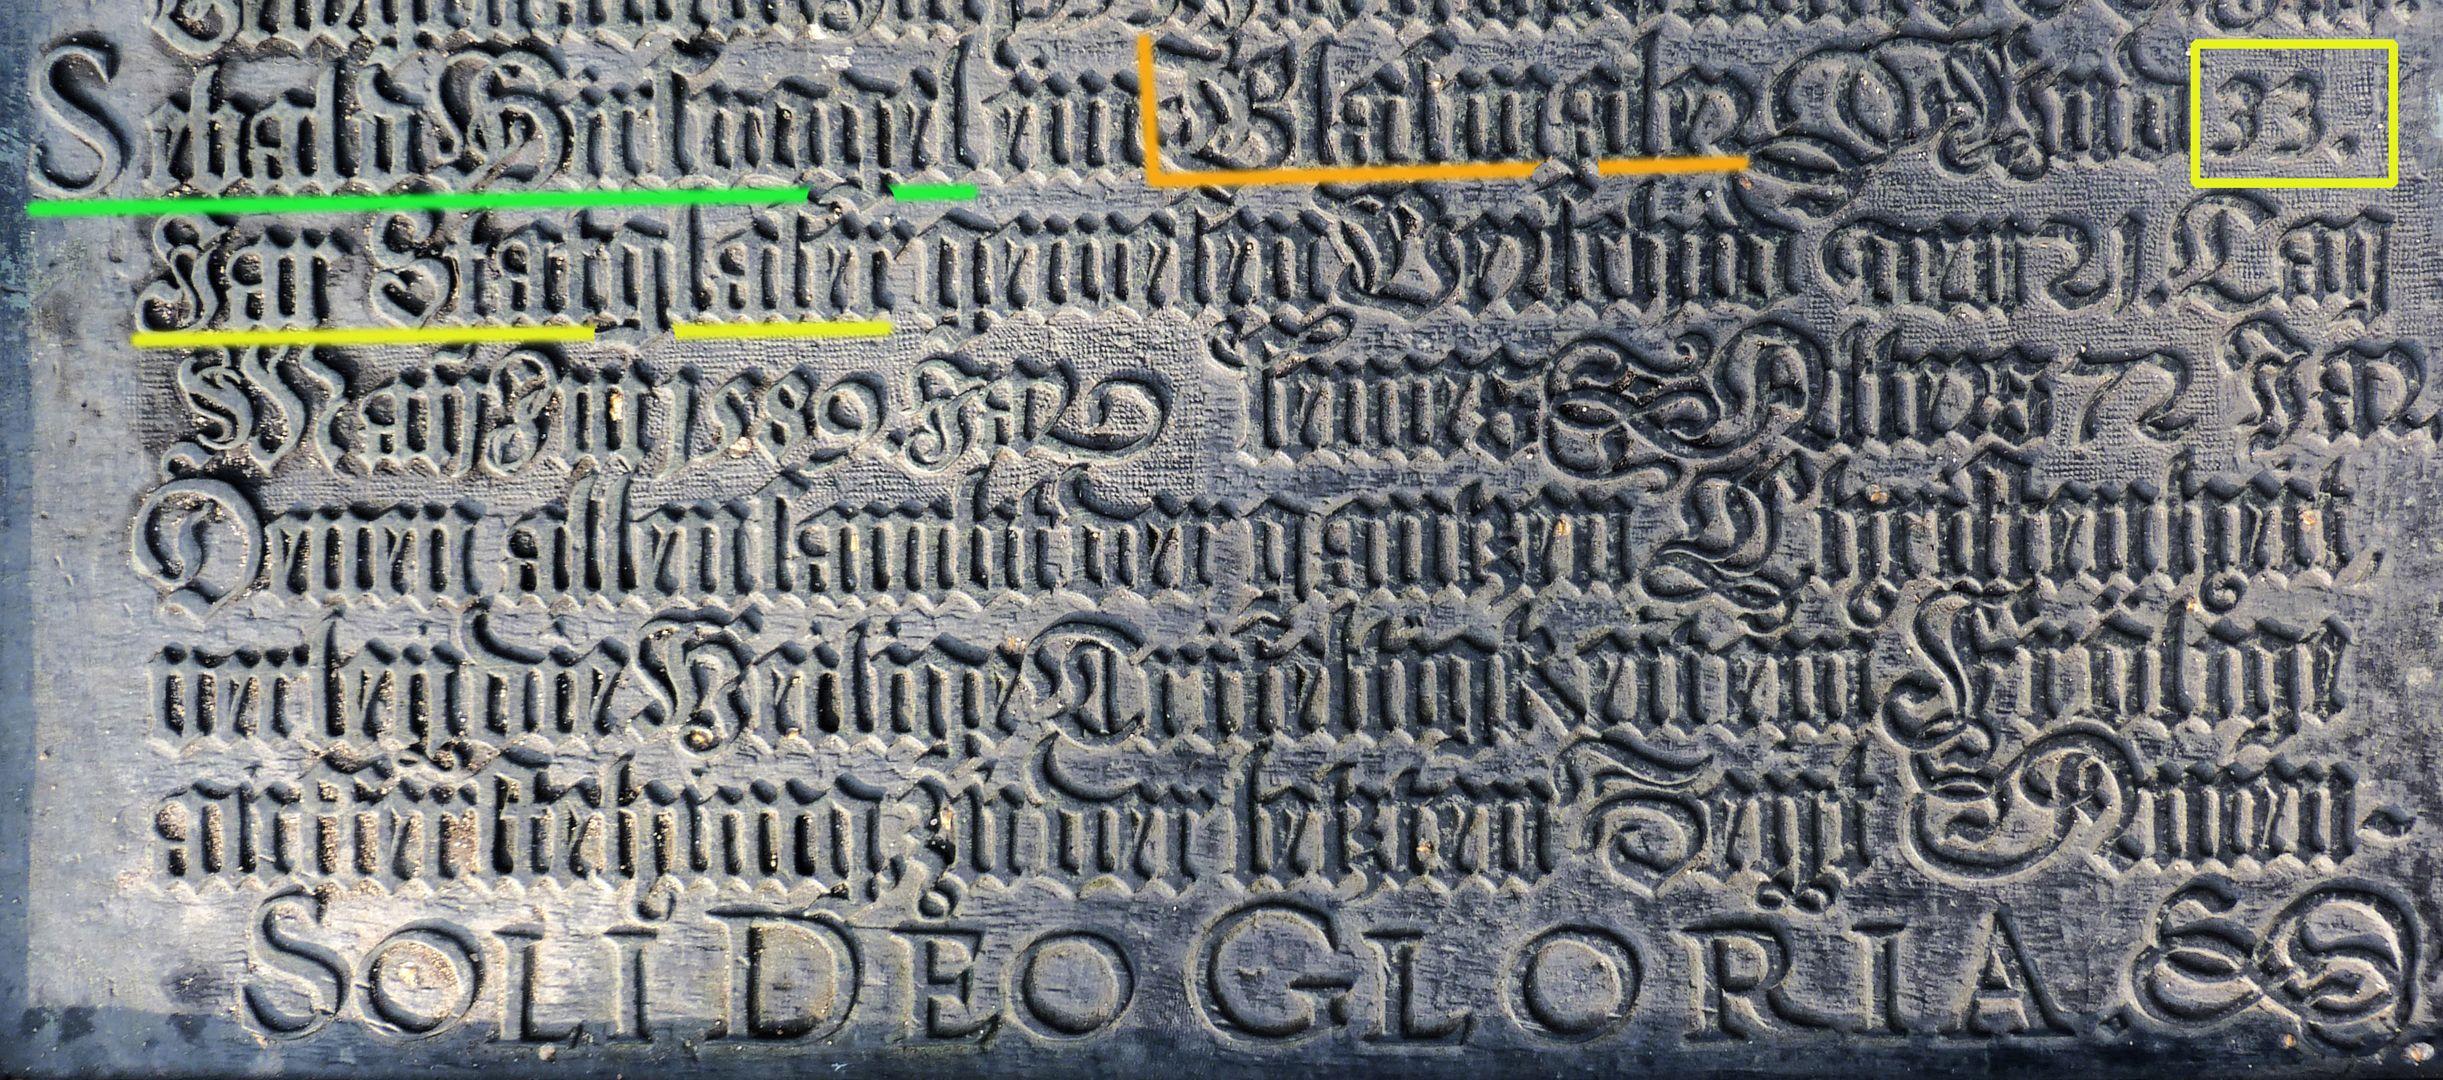 Hirsvogel Epitaph unterer Teil der Tafel mit Eintrag Sebald Hirsvogel / Markierung (Name, Glasmaler, Jahre als Stadtglaser)